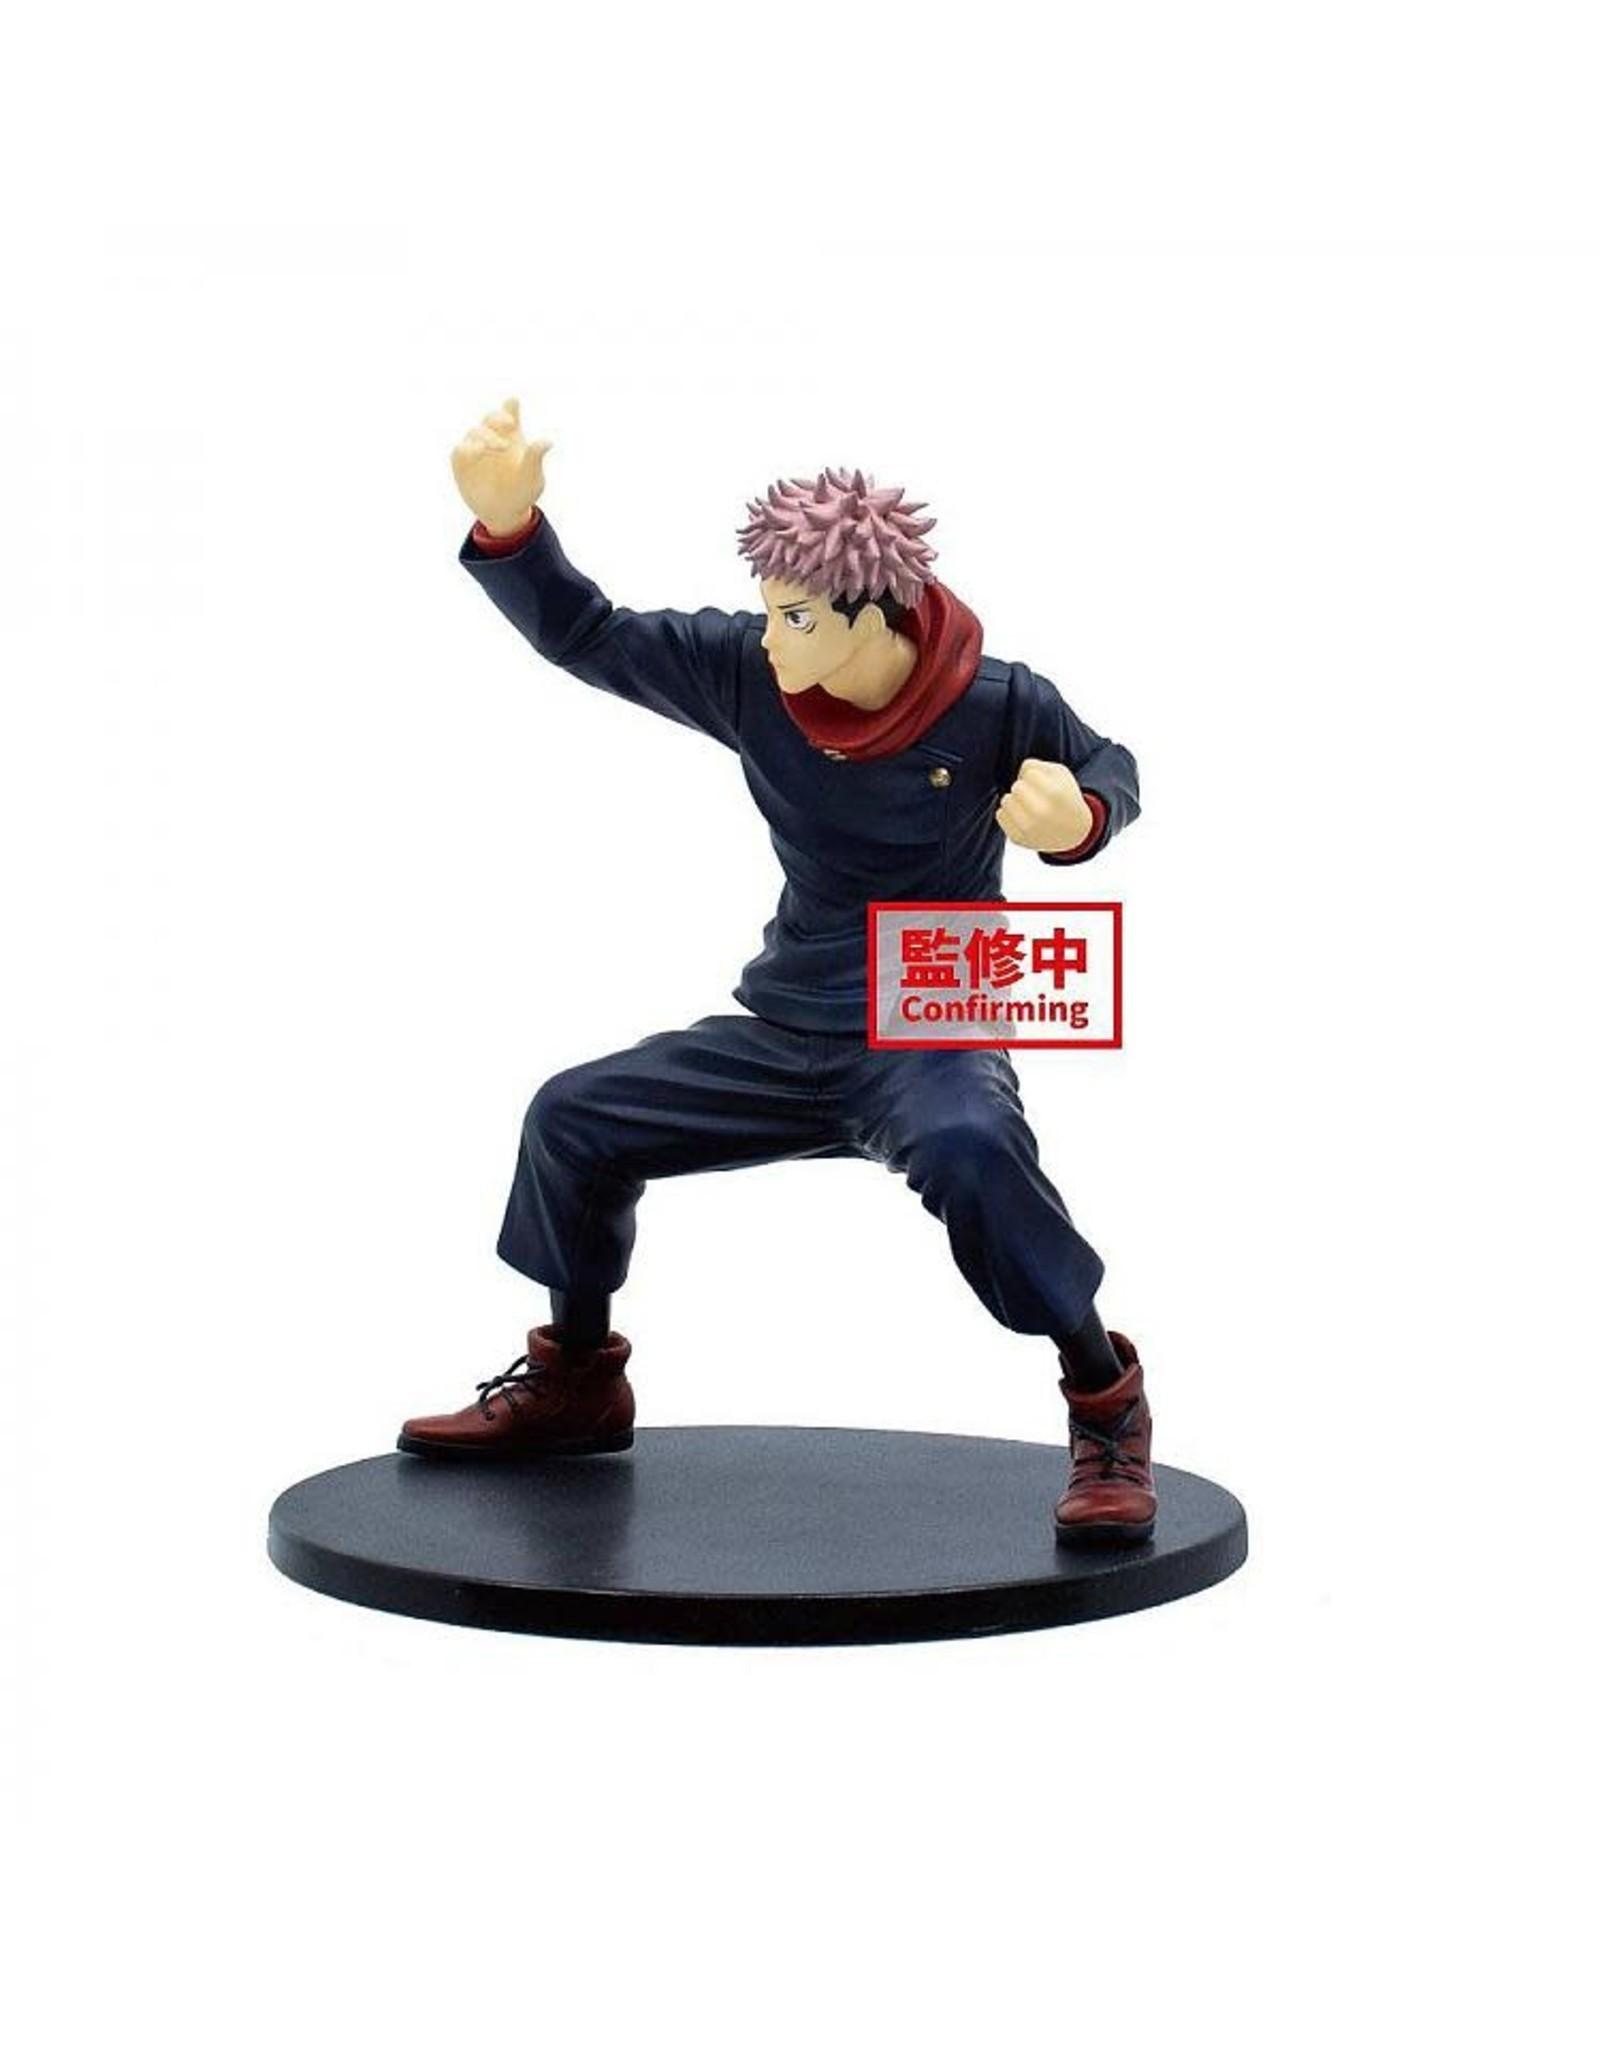 Jujutsu Kaisen - PVC Figure - Yuji Itadori